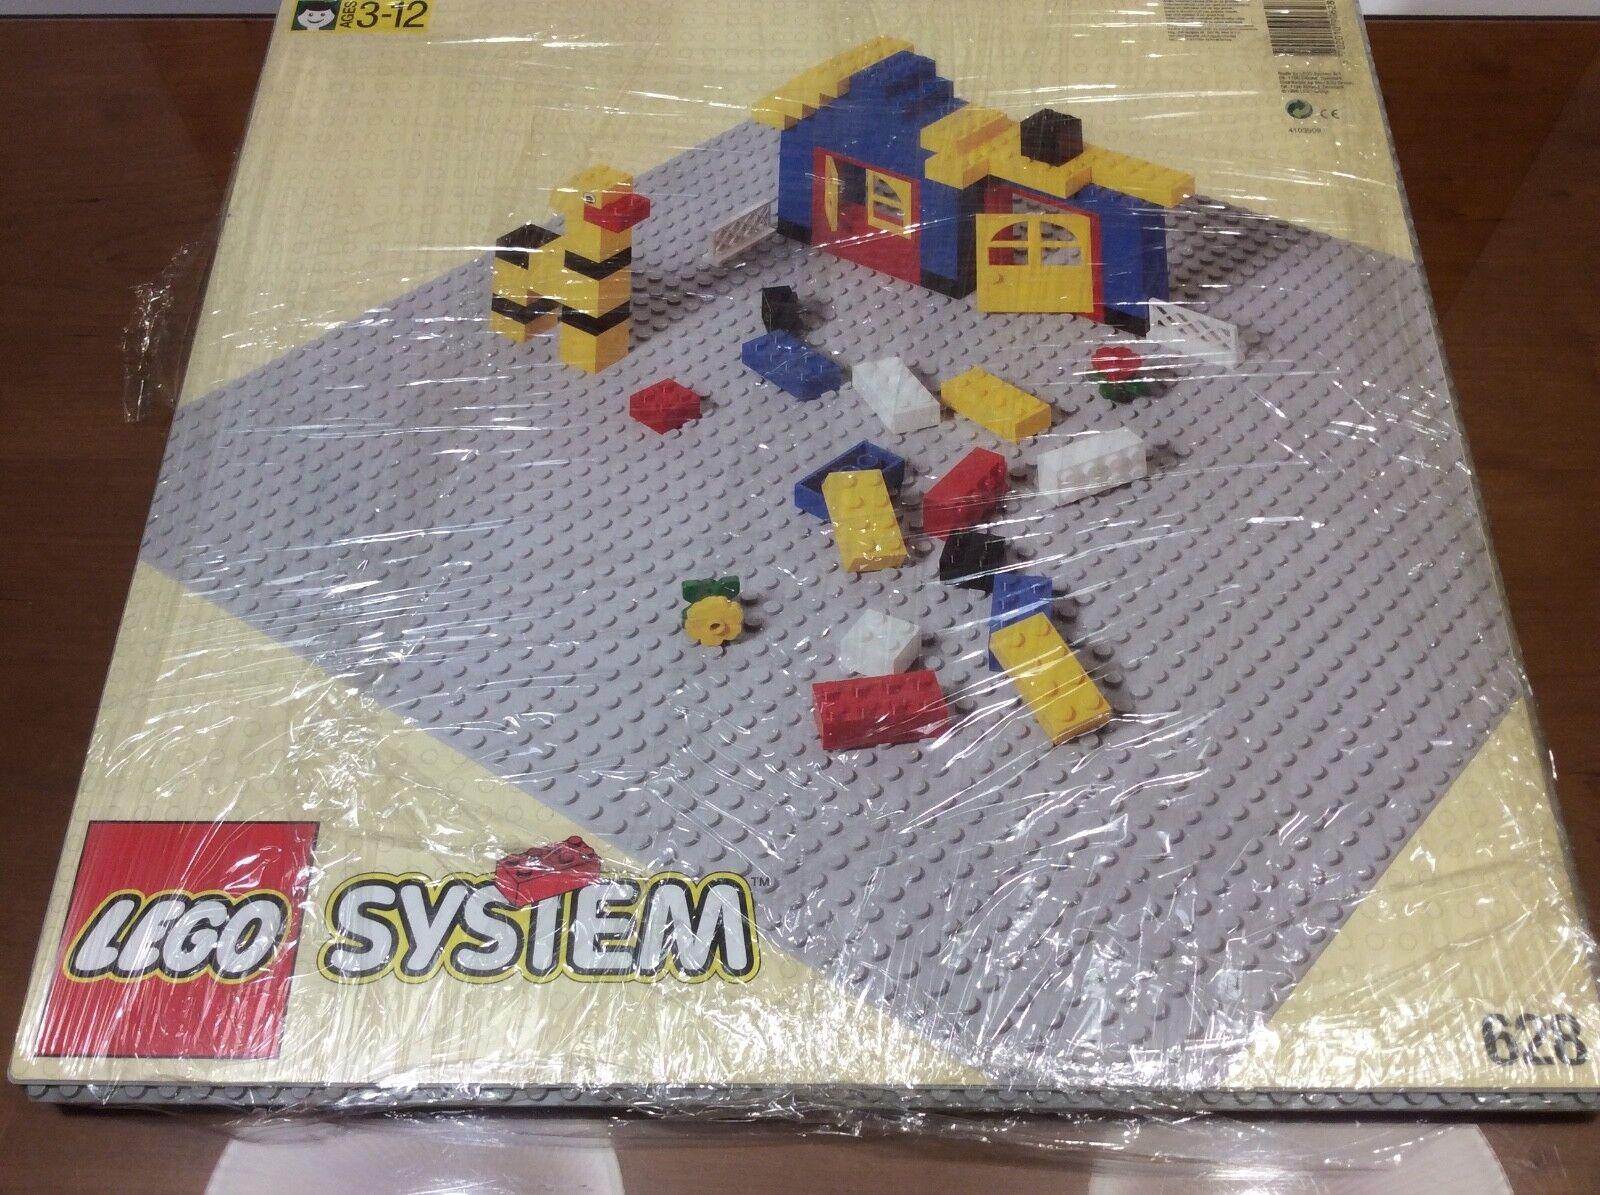 LEGO SYSTEM 628 BUILDING 4 X BASE BASEPLATE RARE VINTAGE 1996